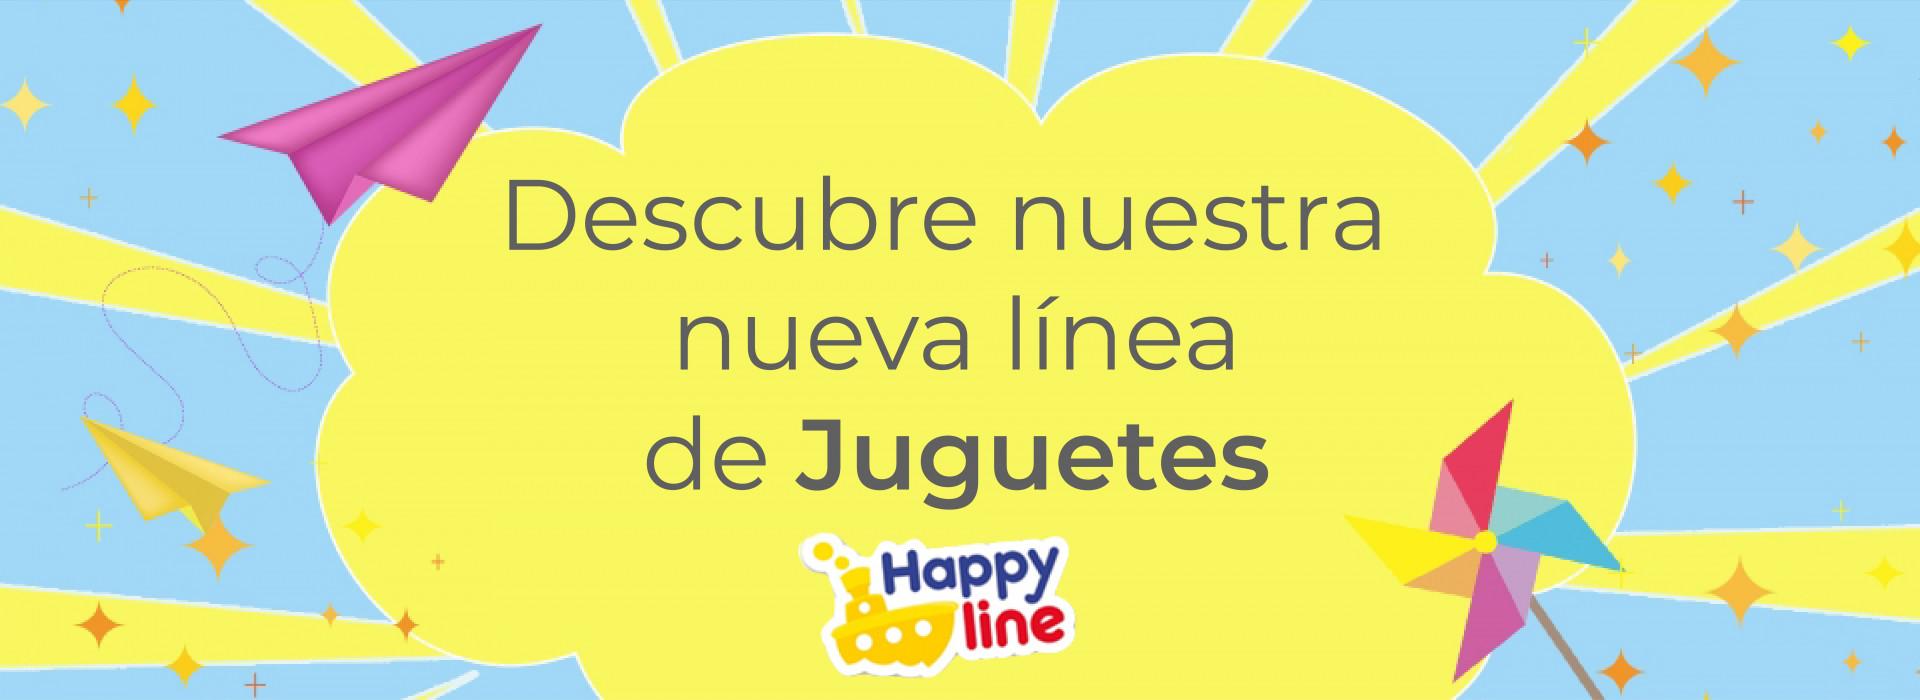 Happy line juguetes